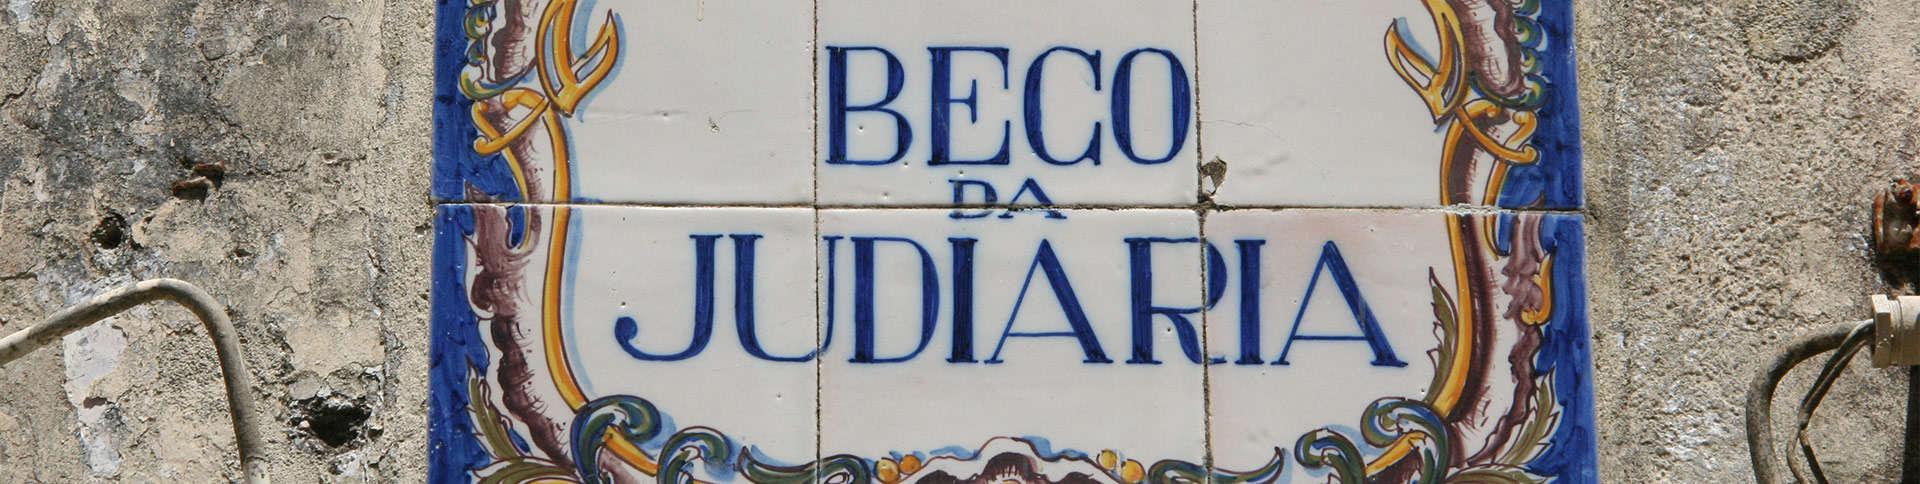 A Rota Medieval e Judaica em Portugal